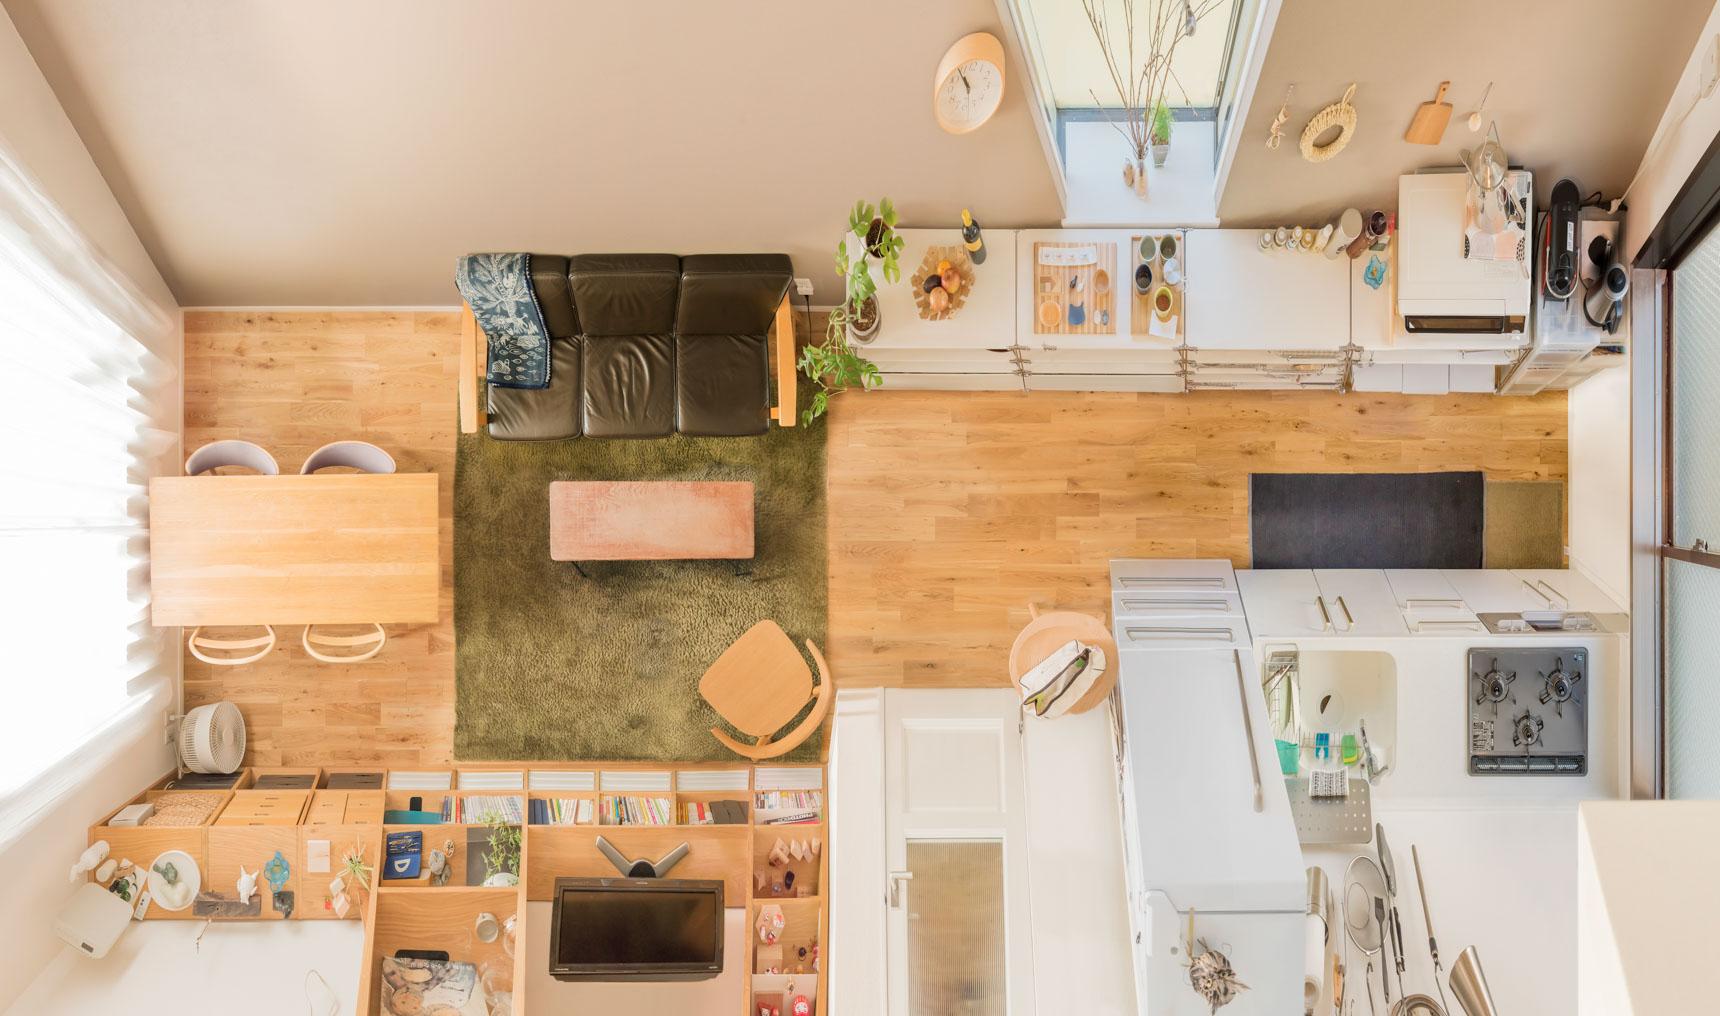 林さんご夫妻のお部屋では、キッチンから離れた窓際のスペースにダイニングテーブルを置いています